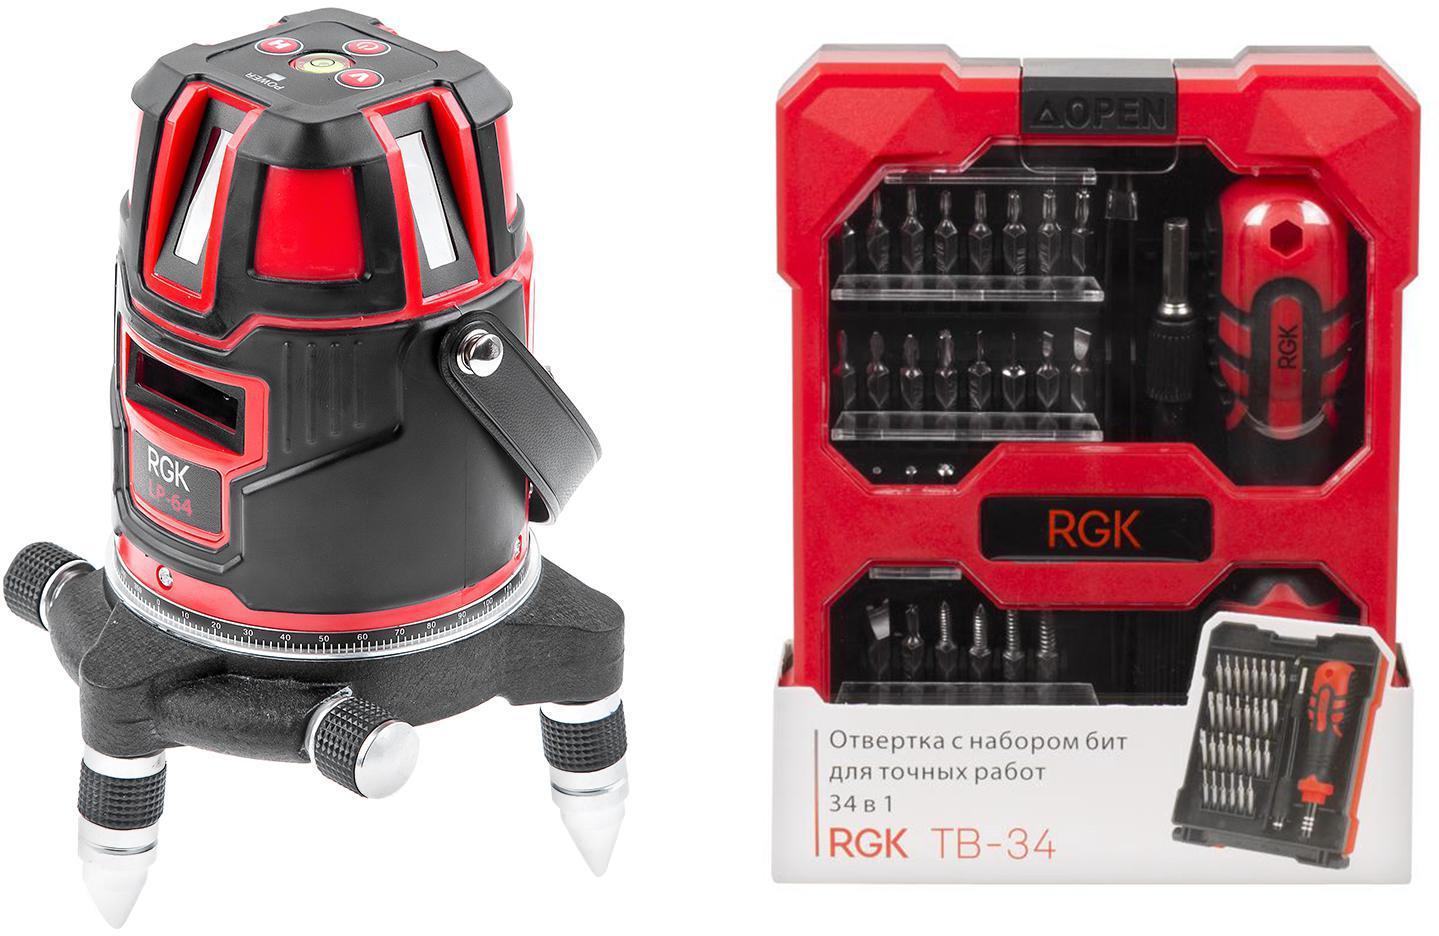 Набор Rgk Уровень lp-64 +Отвертка tb-34 (34 в 1) набор rgk уровень lp 64 отвертка tb 34 34 в 1